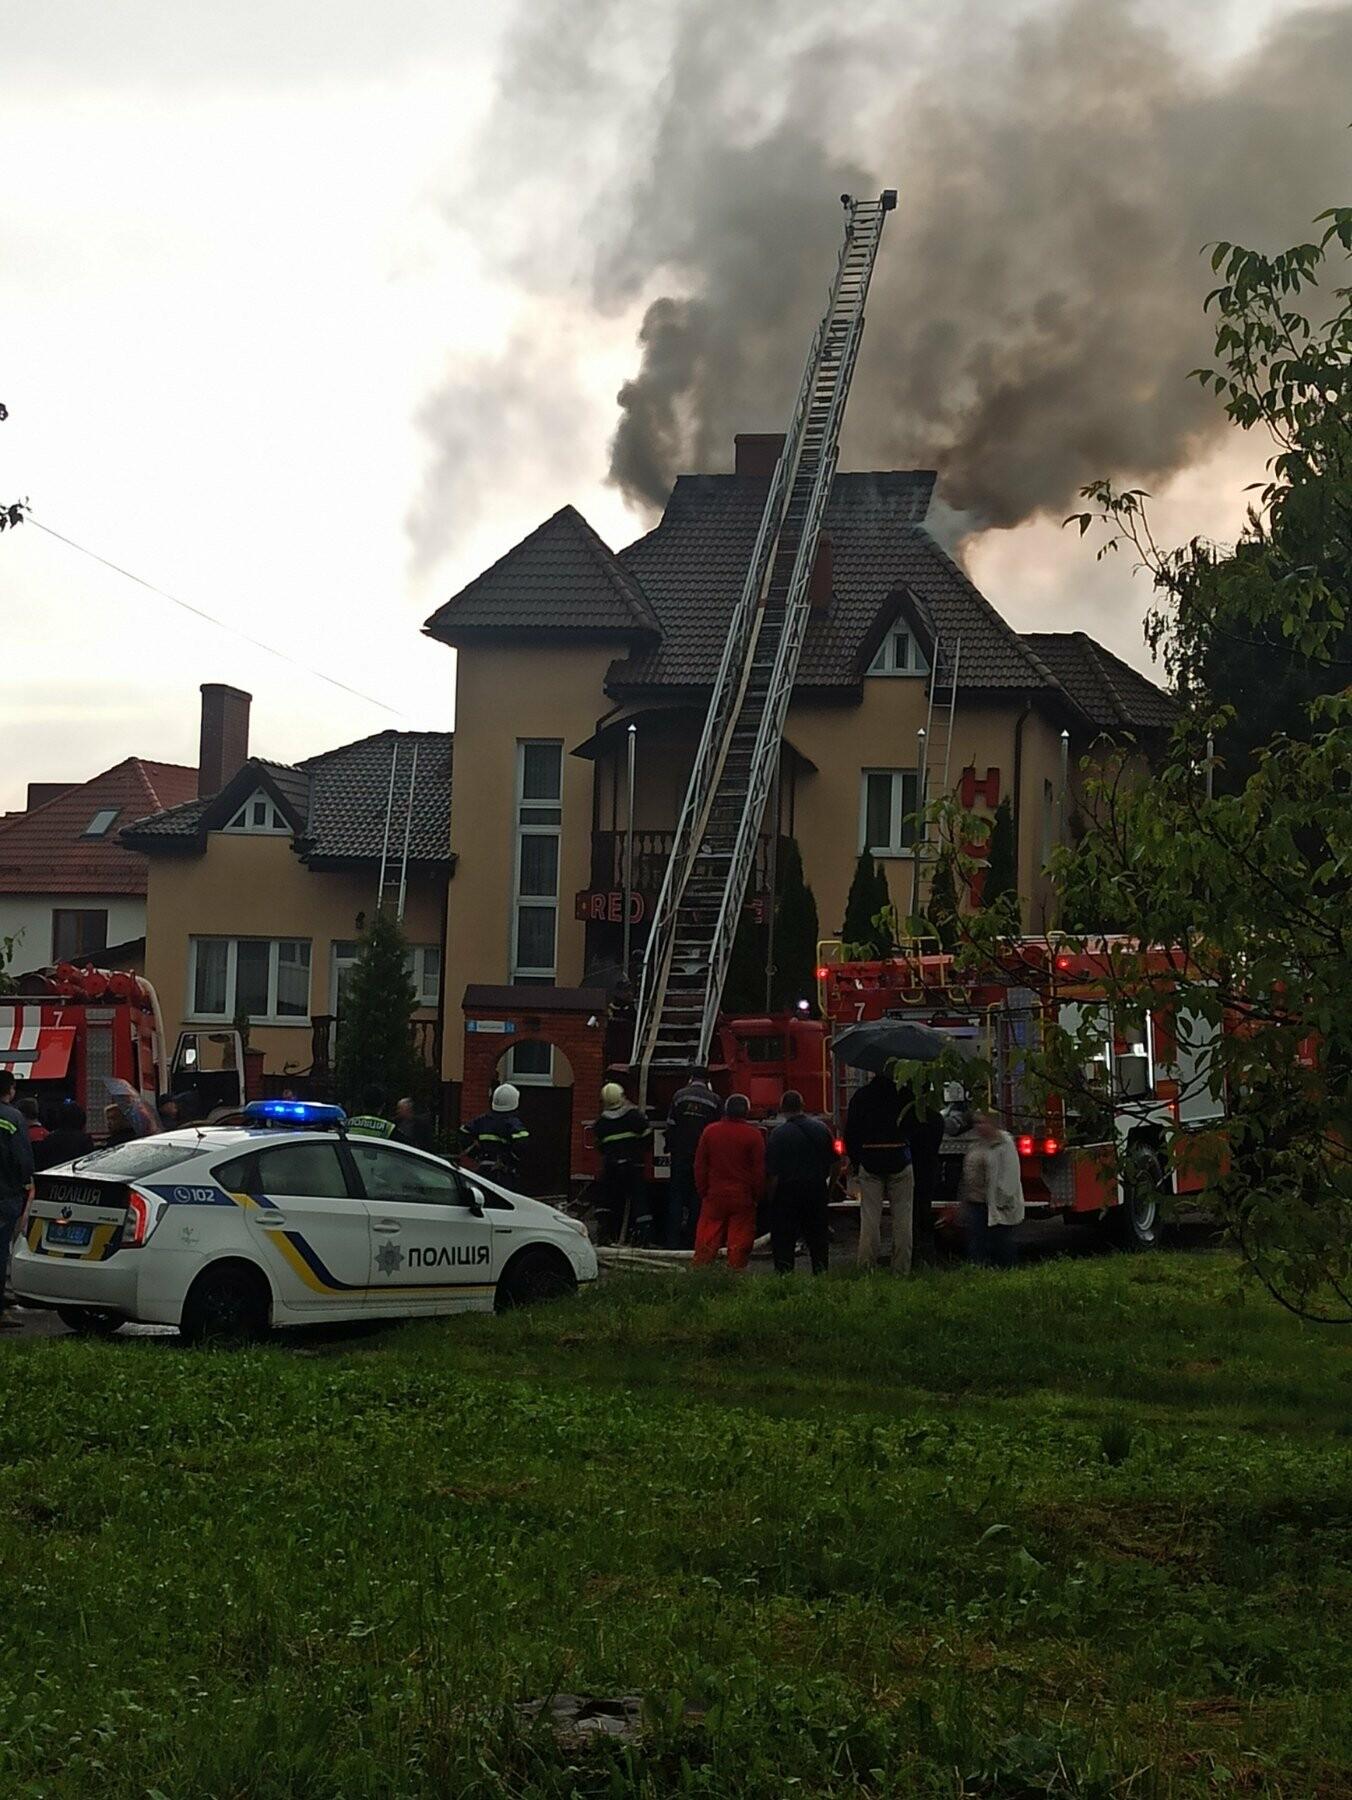 У Трускавці блискавка влучила в готель. На місці працюють пожежники (Відео, фото), фото-2, фото - 03247.com.ua